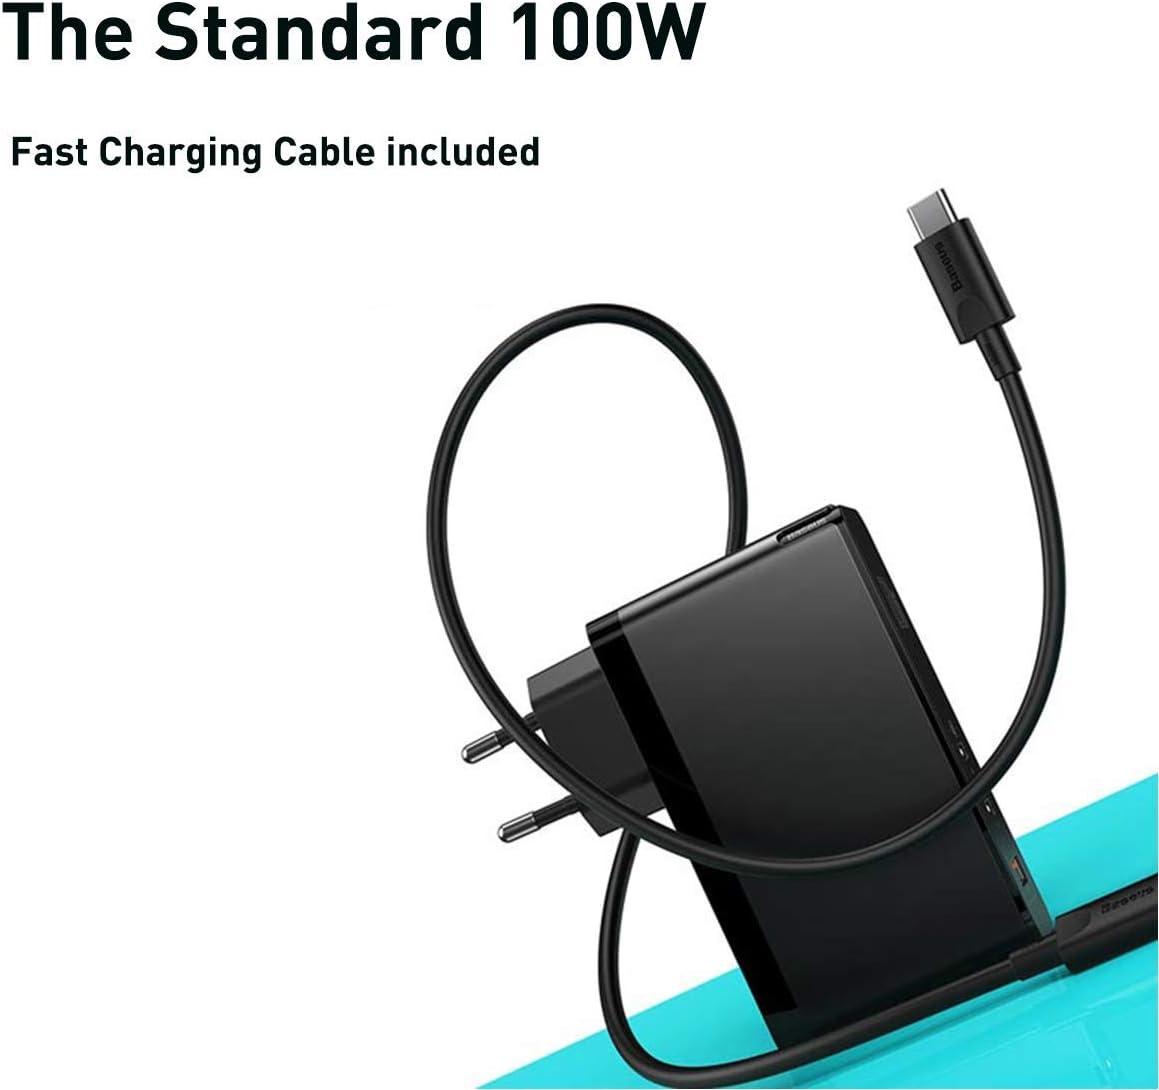 iPad Pro ordinateurs portables USB C iPhone SE//11//11Pro Max//XS Max Baseus Chargeur USB C 120W avec bloc dalimentation GaN Tech Power Delivery USB-C Compatible avec MacBook Pro//Air